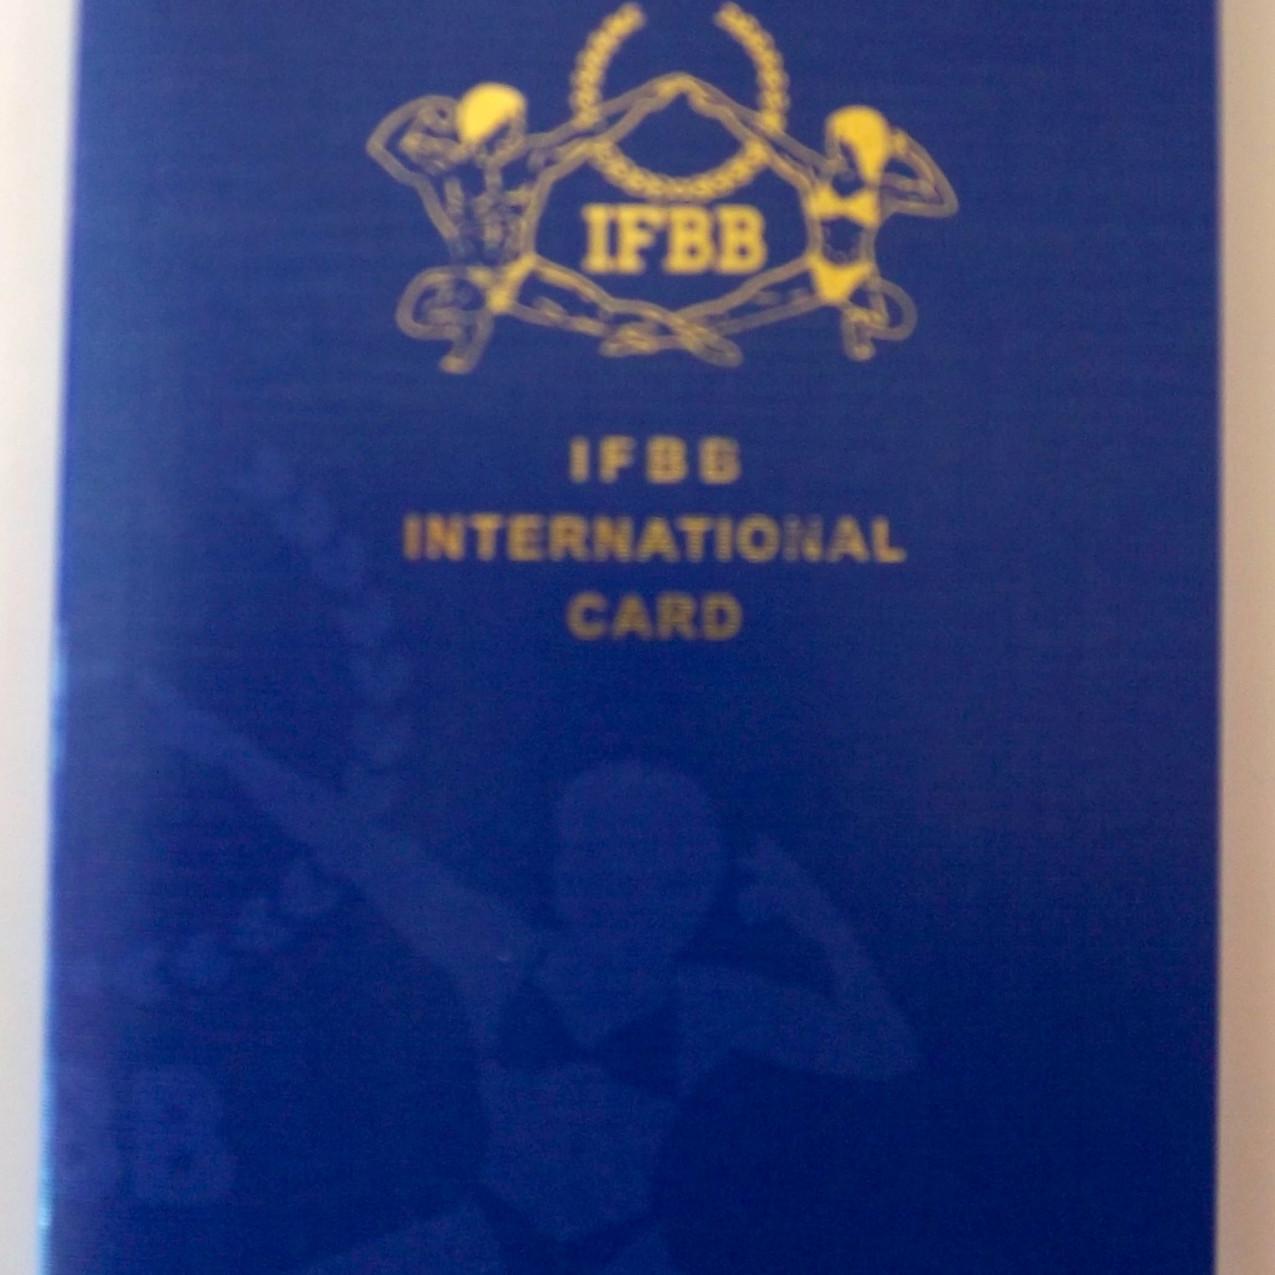 IFBB Passport